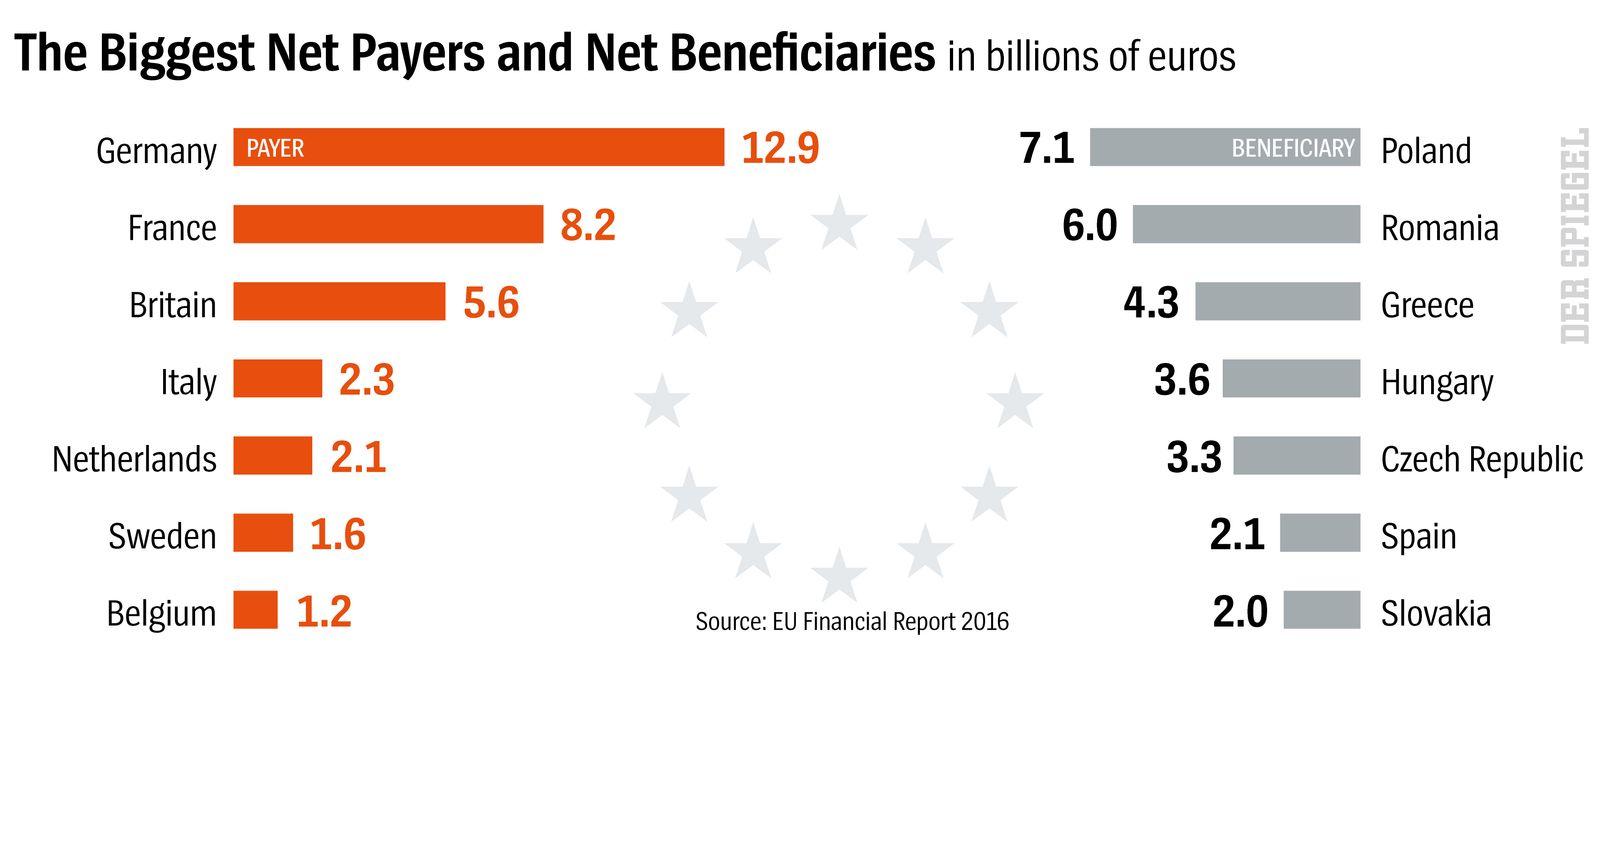 DER SPIEGEL 14 2018 s29 englisch The Biggest Net Payers and Net Beneficiaries